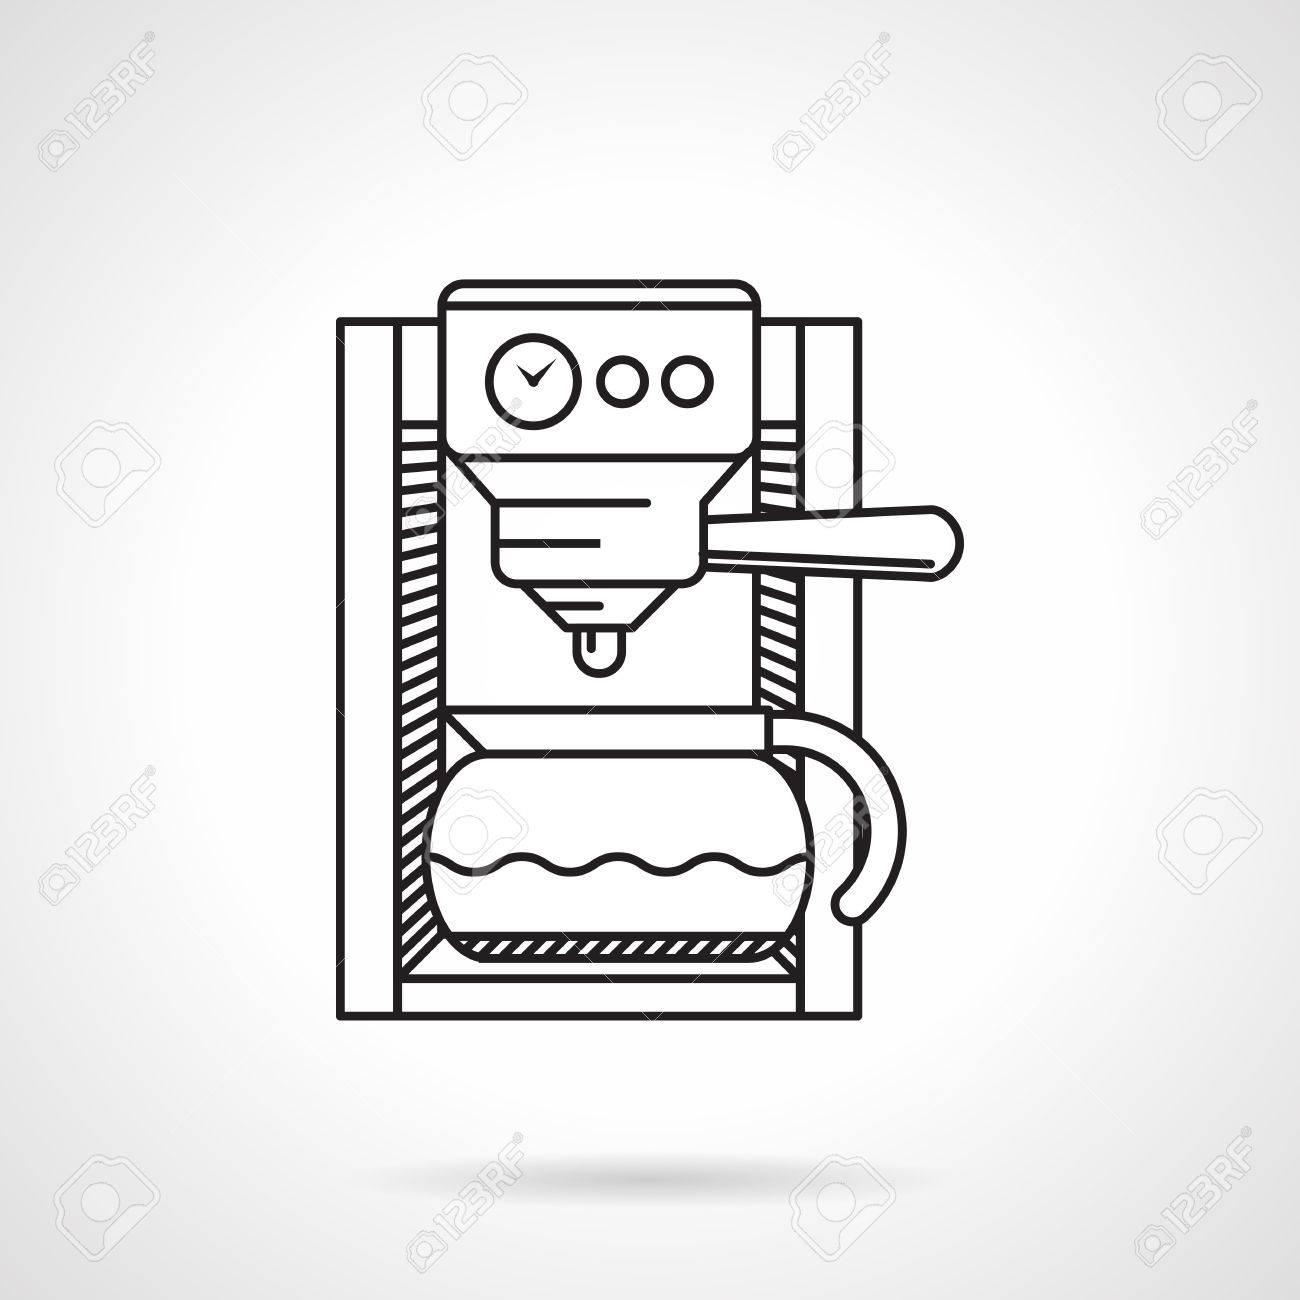 Schwarz Flache Linie Vektor-Symbol Für Elektrische Kaffeemaschine ...